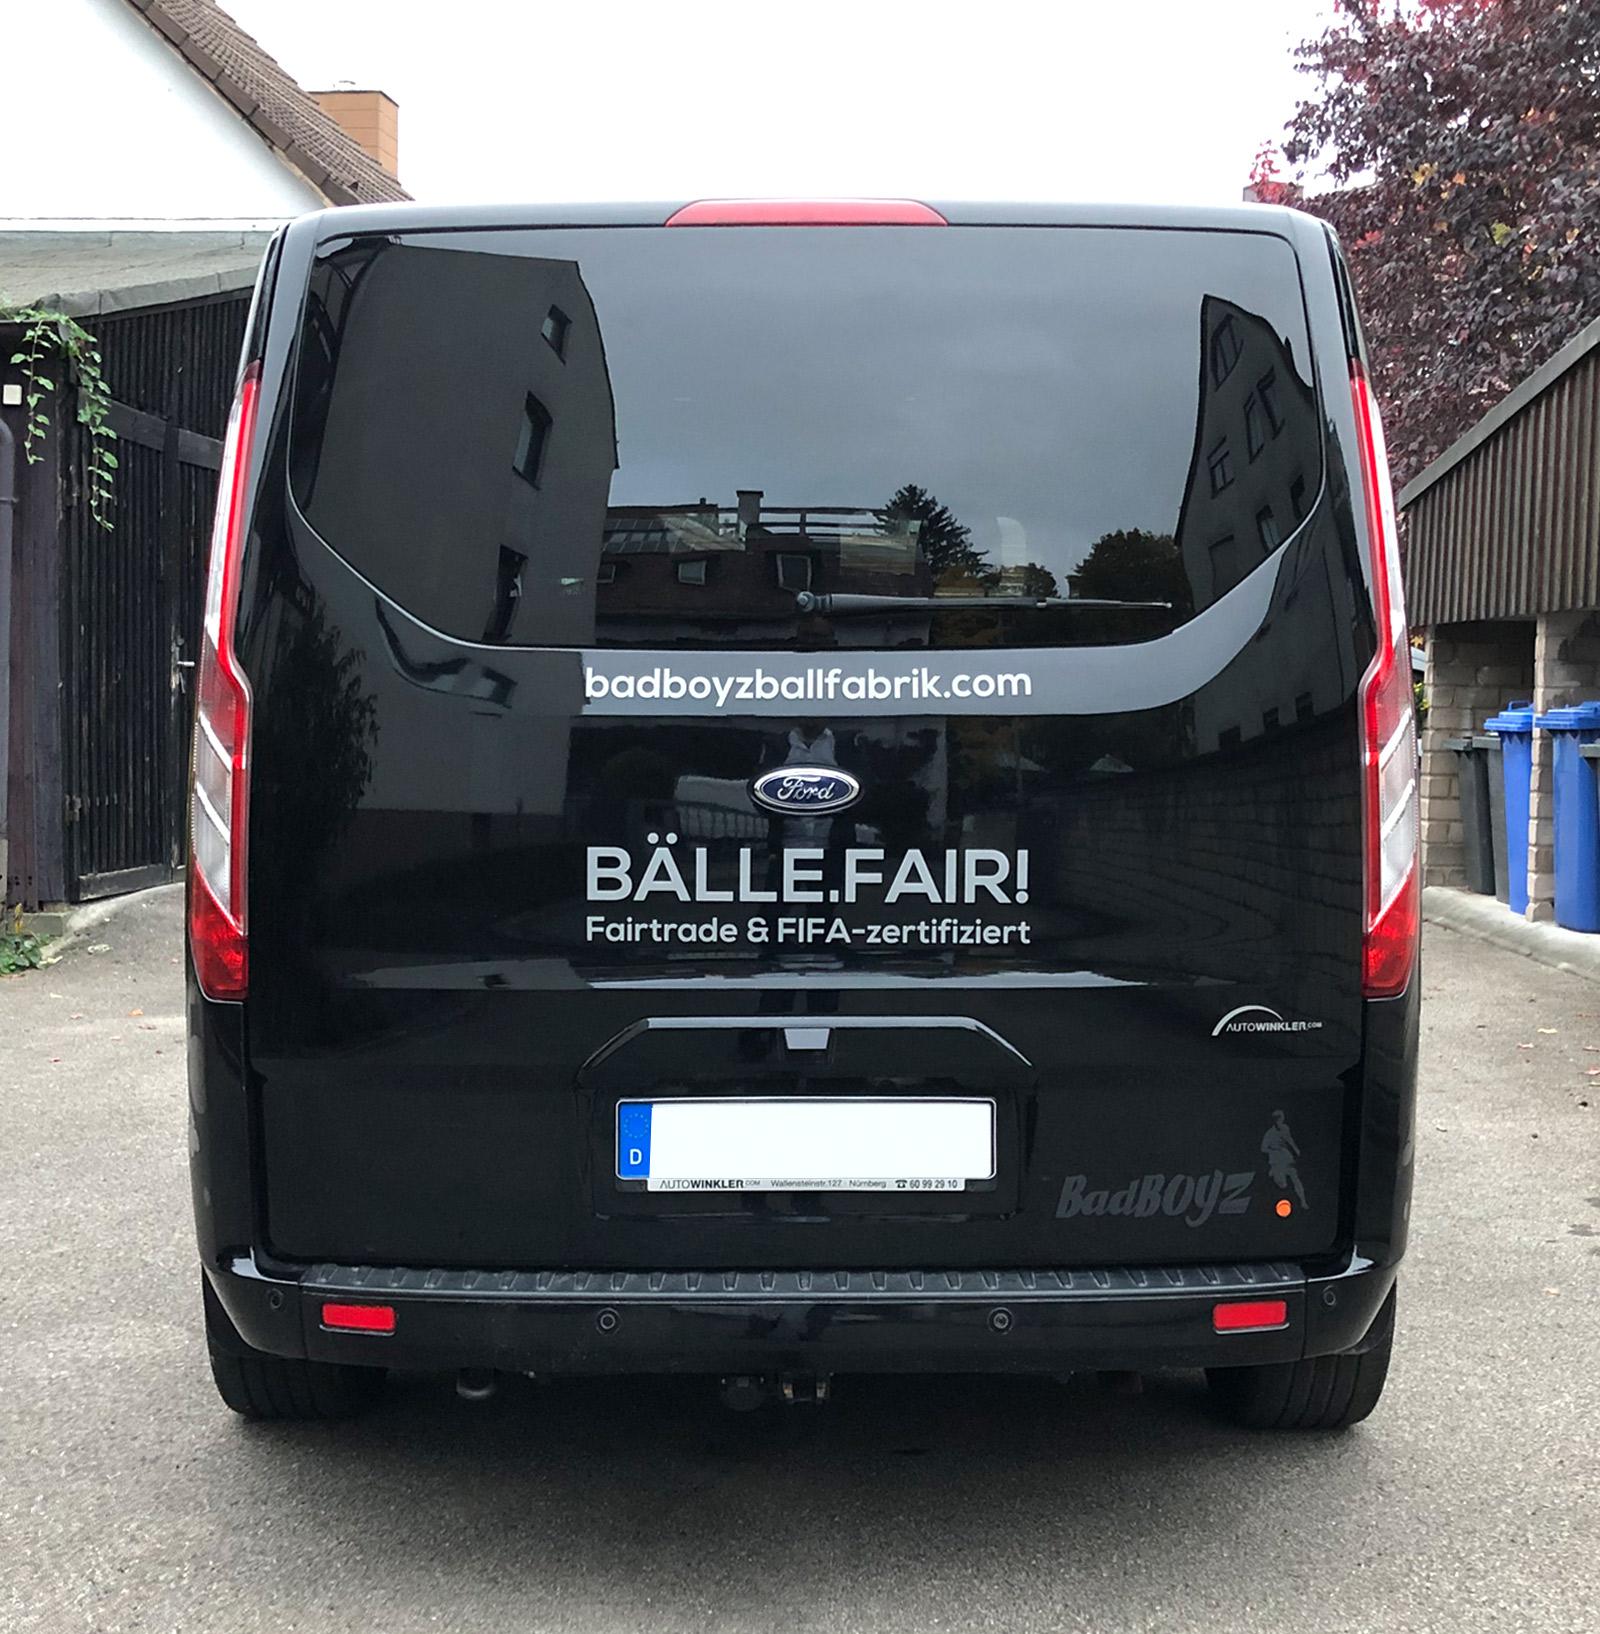 Heckansicht eines schwarzen Transporters mit einer neuen großflächigen Fahrzeugbeklebung von Badboyz Ballfabrik